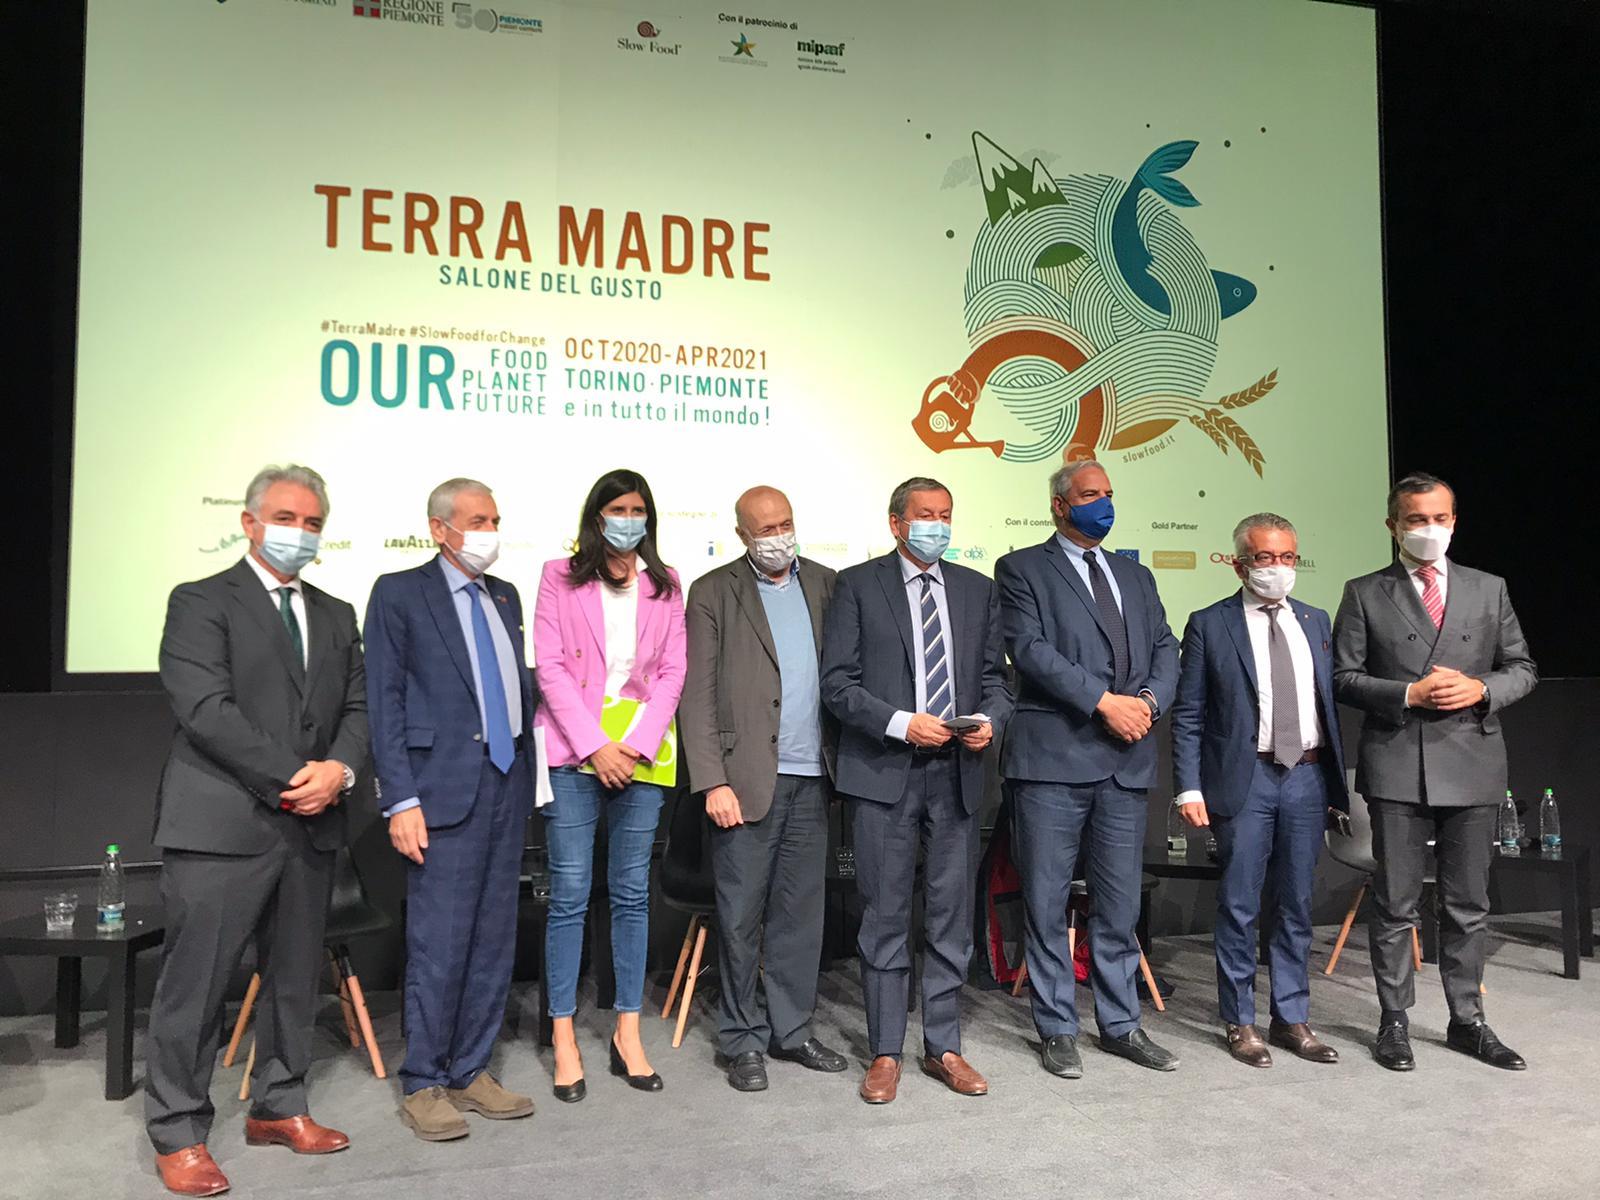 Terra Madre Salone del Gusto chiude domani dopo 205 giorni e 1160  appuntamenti - Torino Oggi